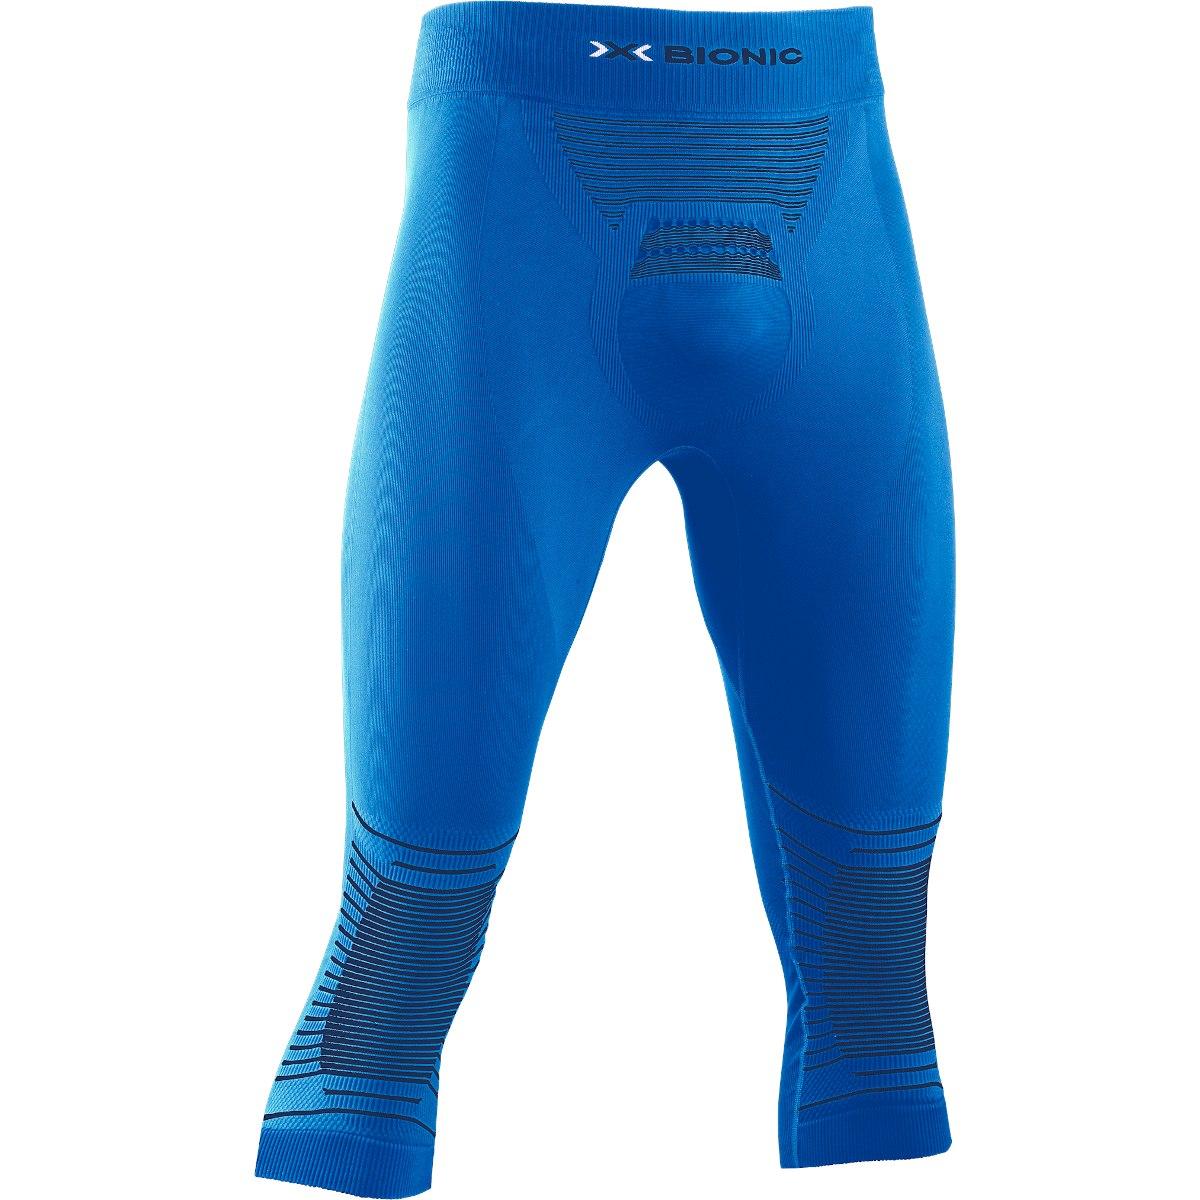 X-Bionic Energizer 4.0 Unterhose 3/4 für Herren - teal blue/anthracite